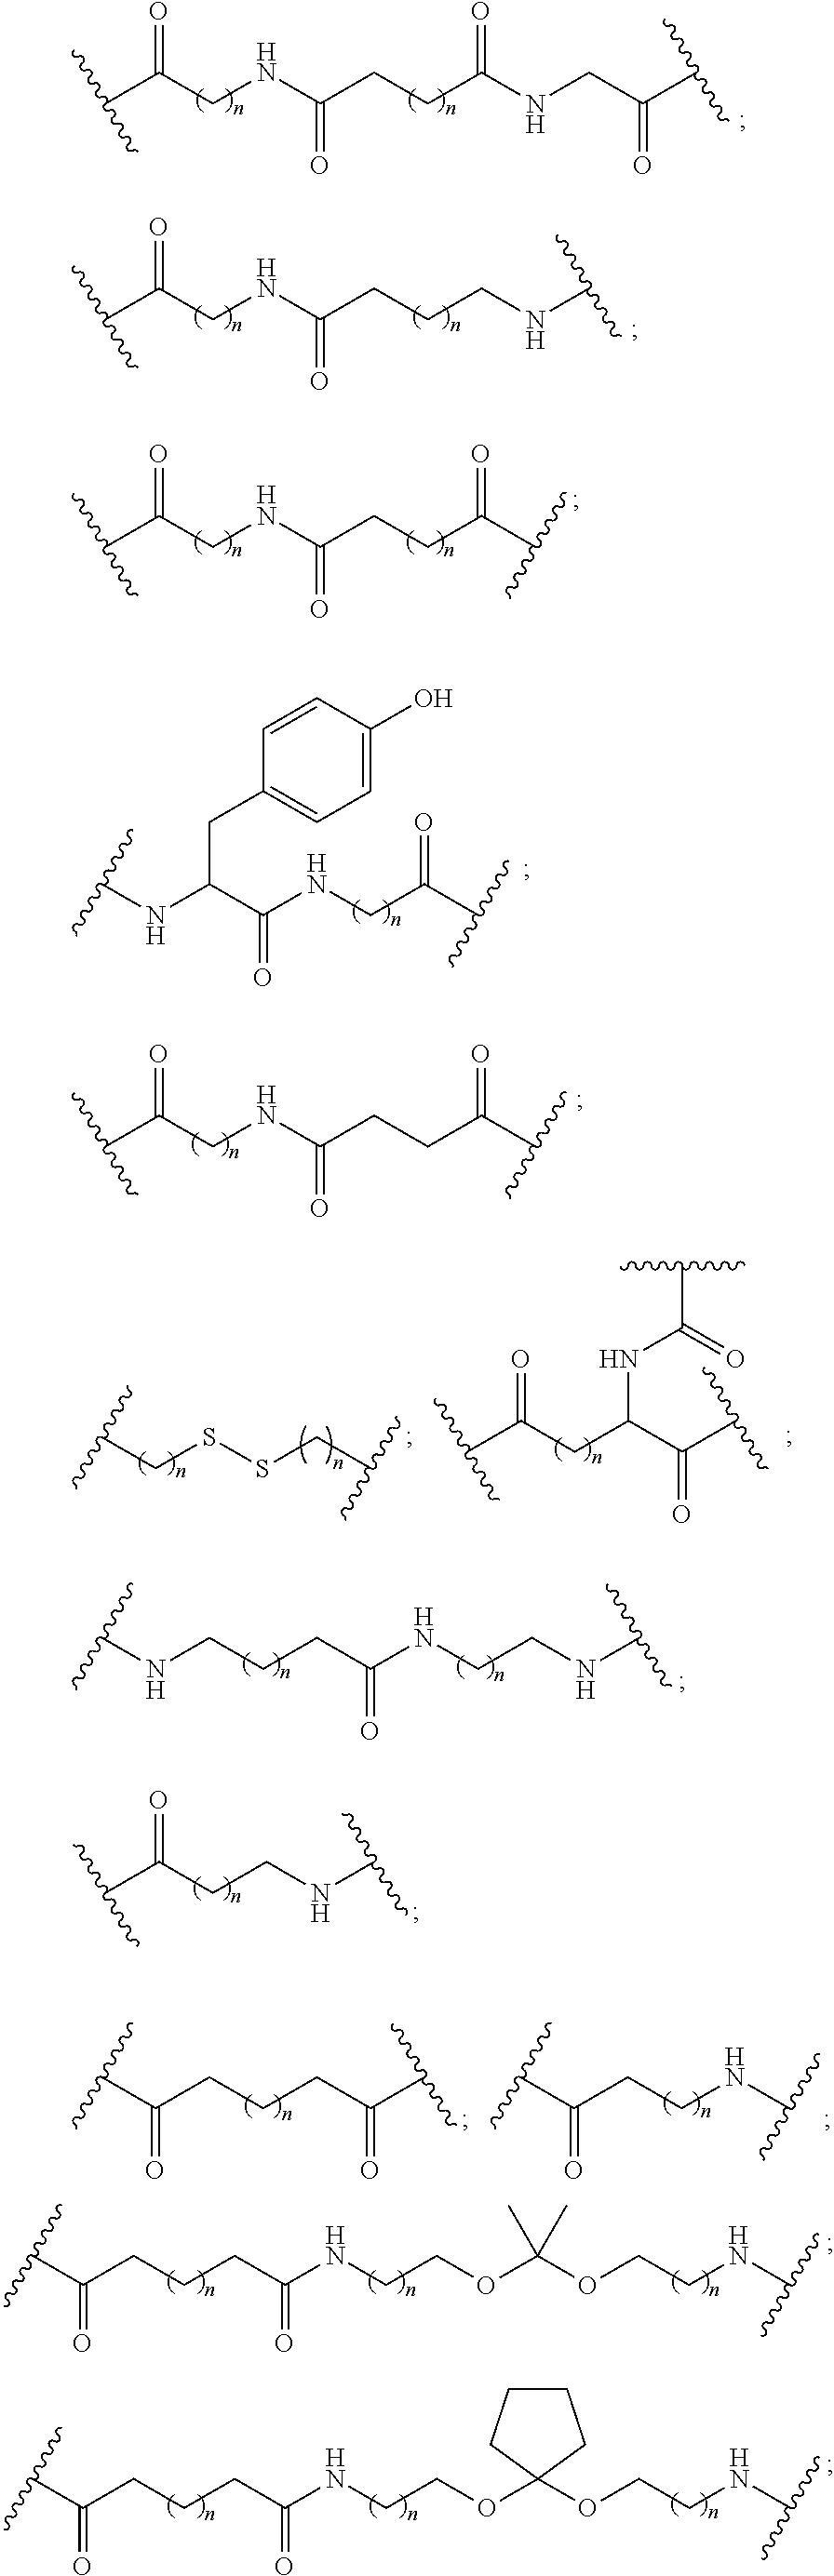 Figure US09932581-20180403-C00036